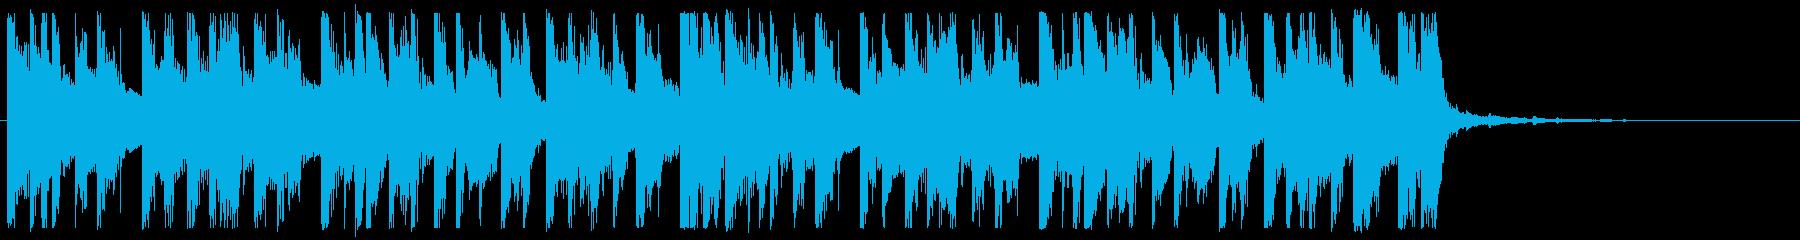 前向き/明るい/ハウス_No475_4の再生済みの波形